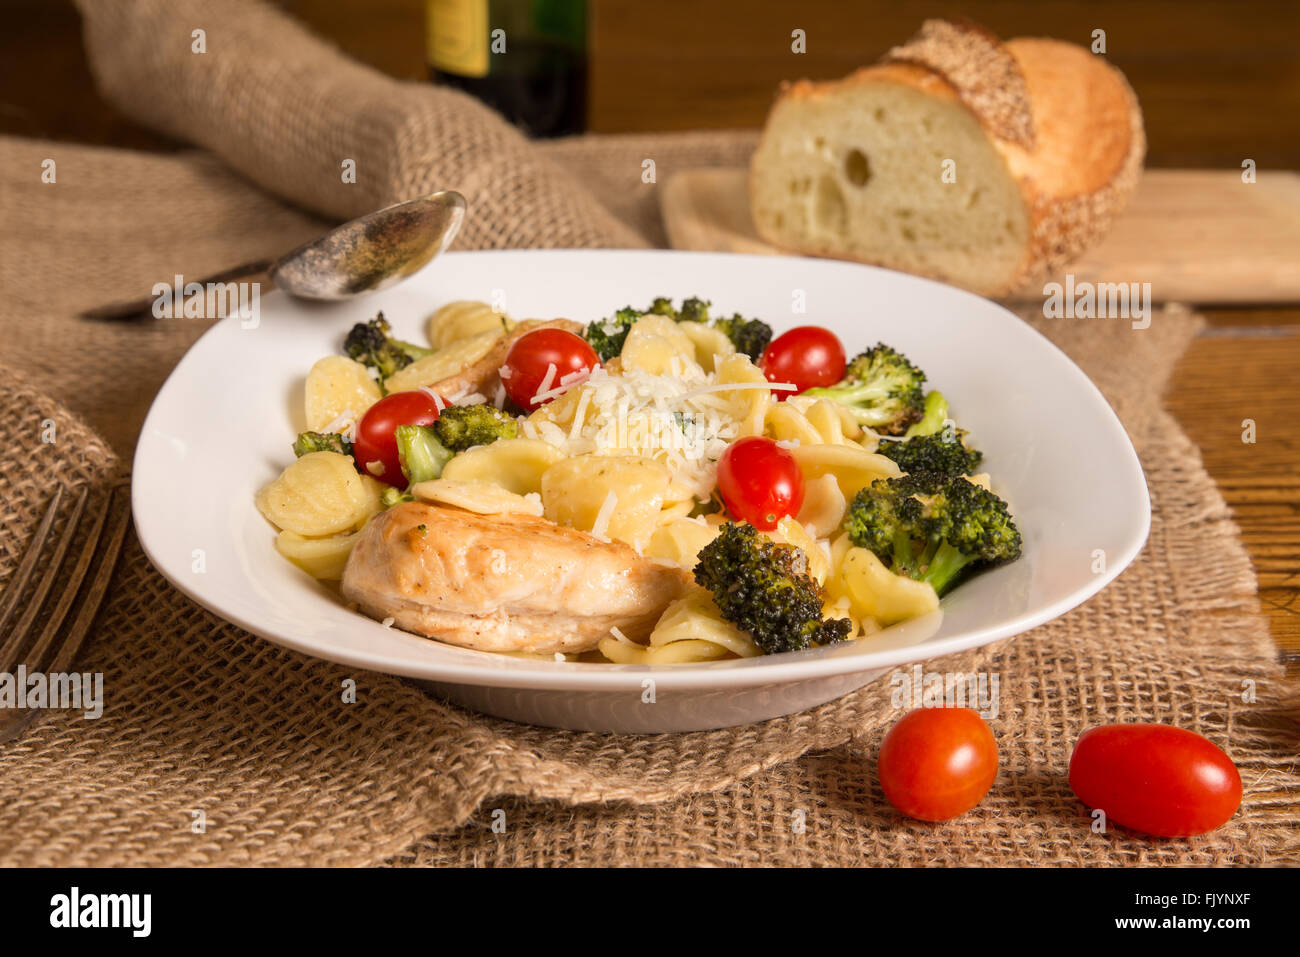 Authentisches italienisches Essen mit hausgemachten Orecchiette Nudeln, Hähnchen, Brokkoli, Tomaten. Italienisches Stockbild